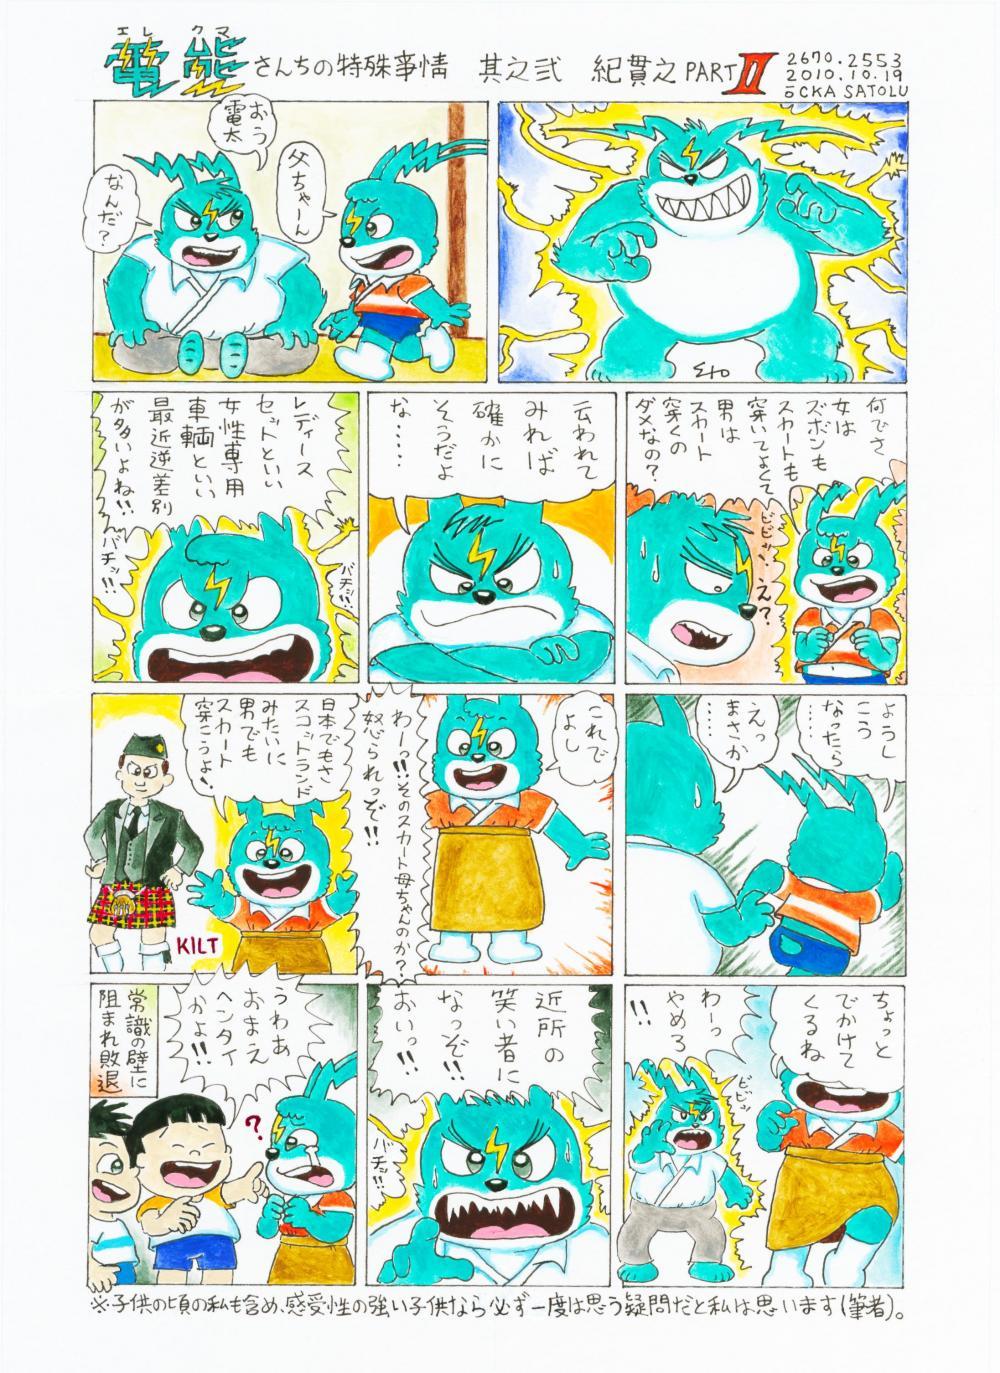 電熊さんちの特殊事情 其之弐 2010.10.19